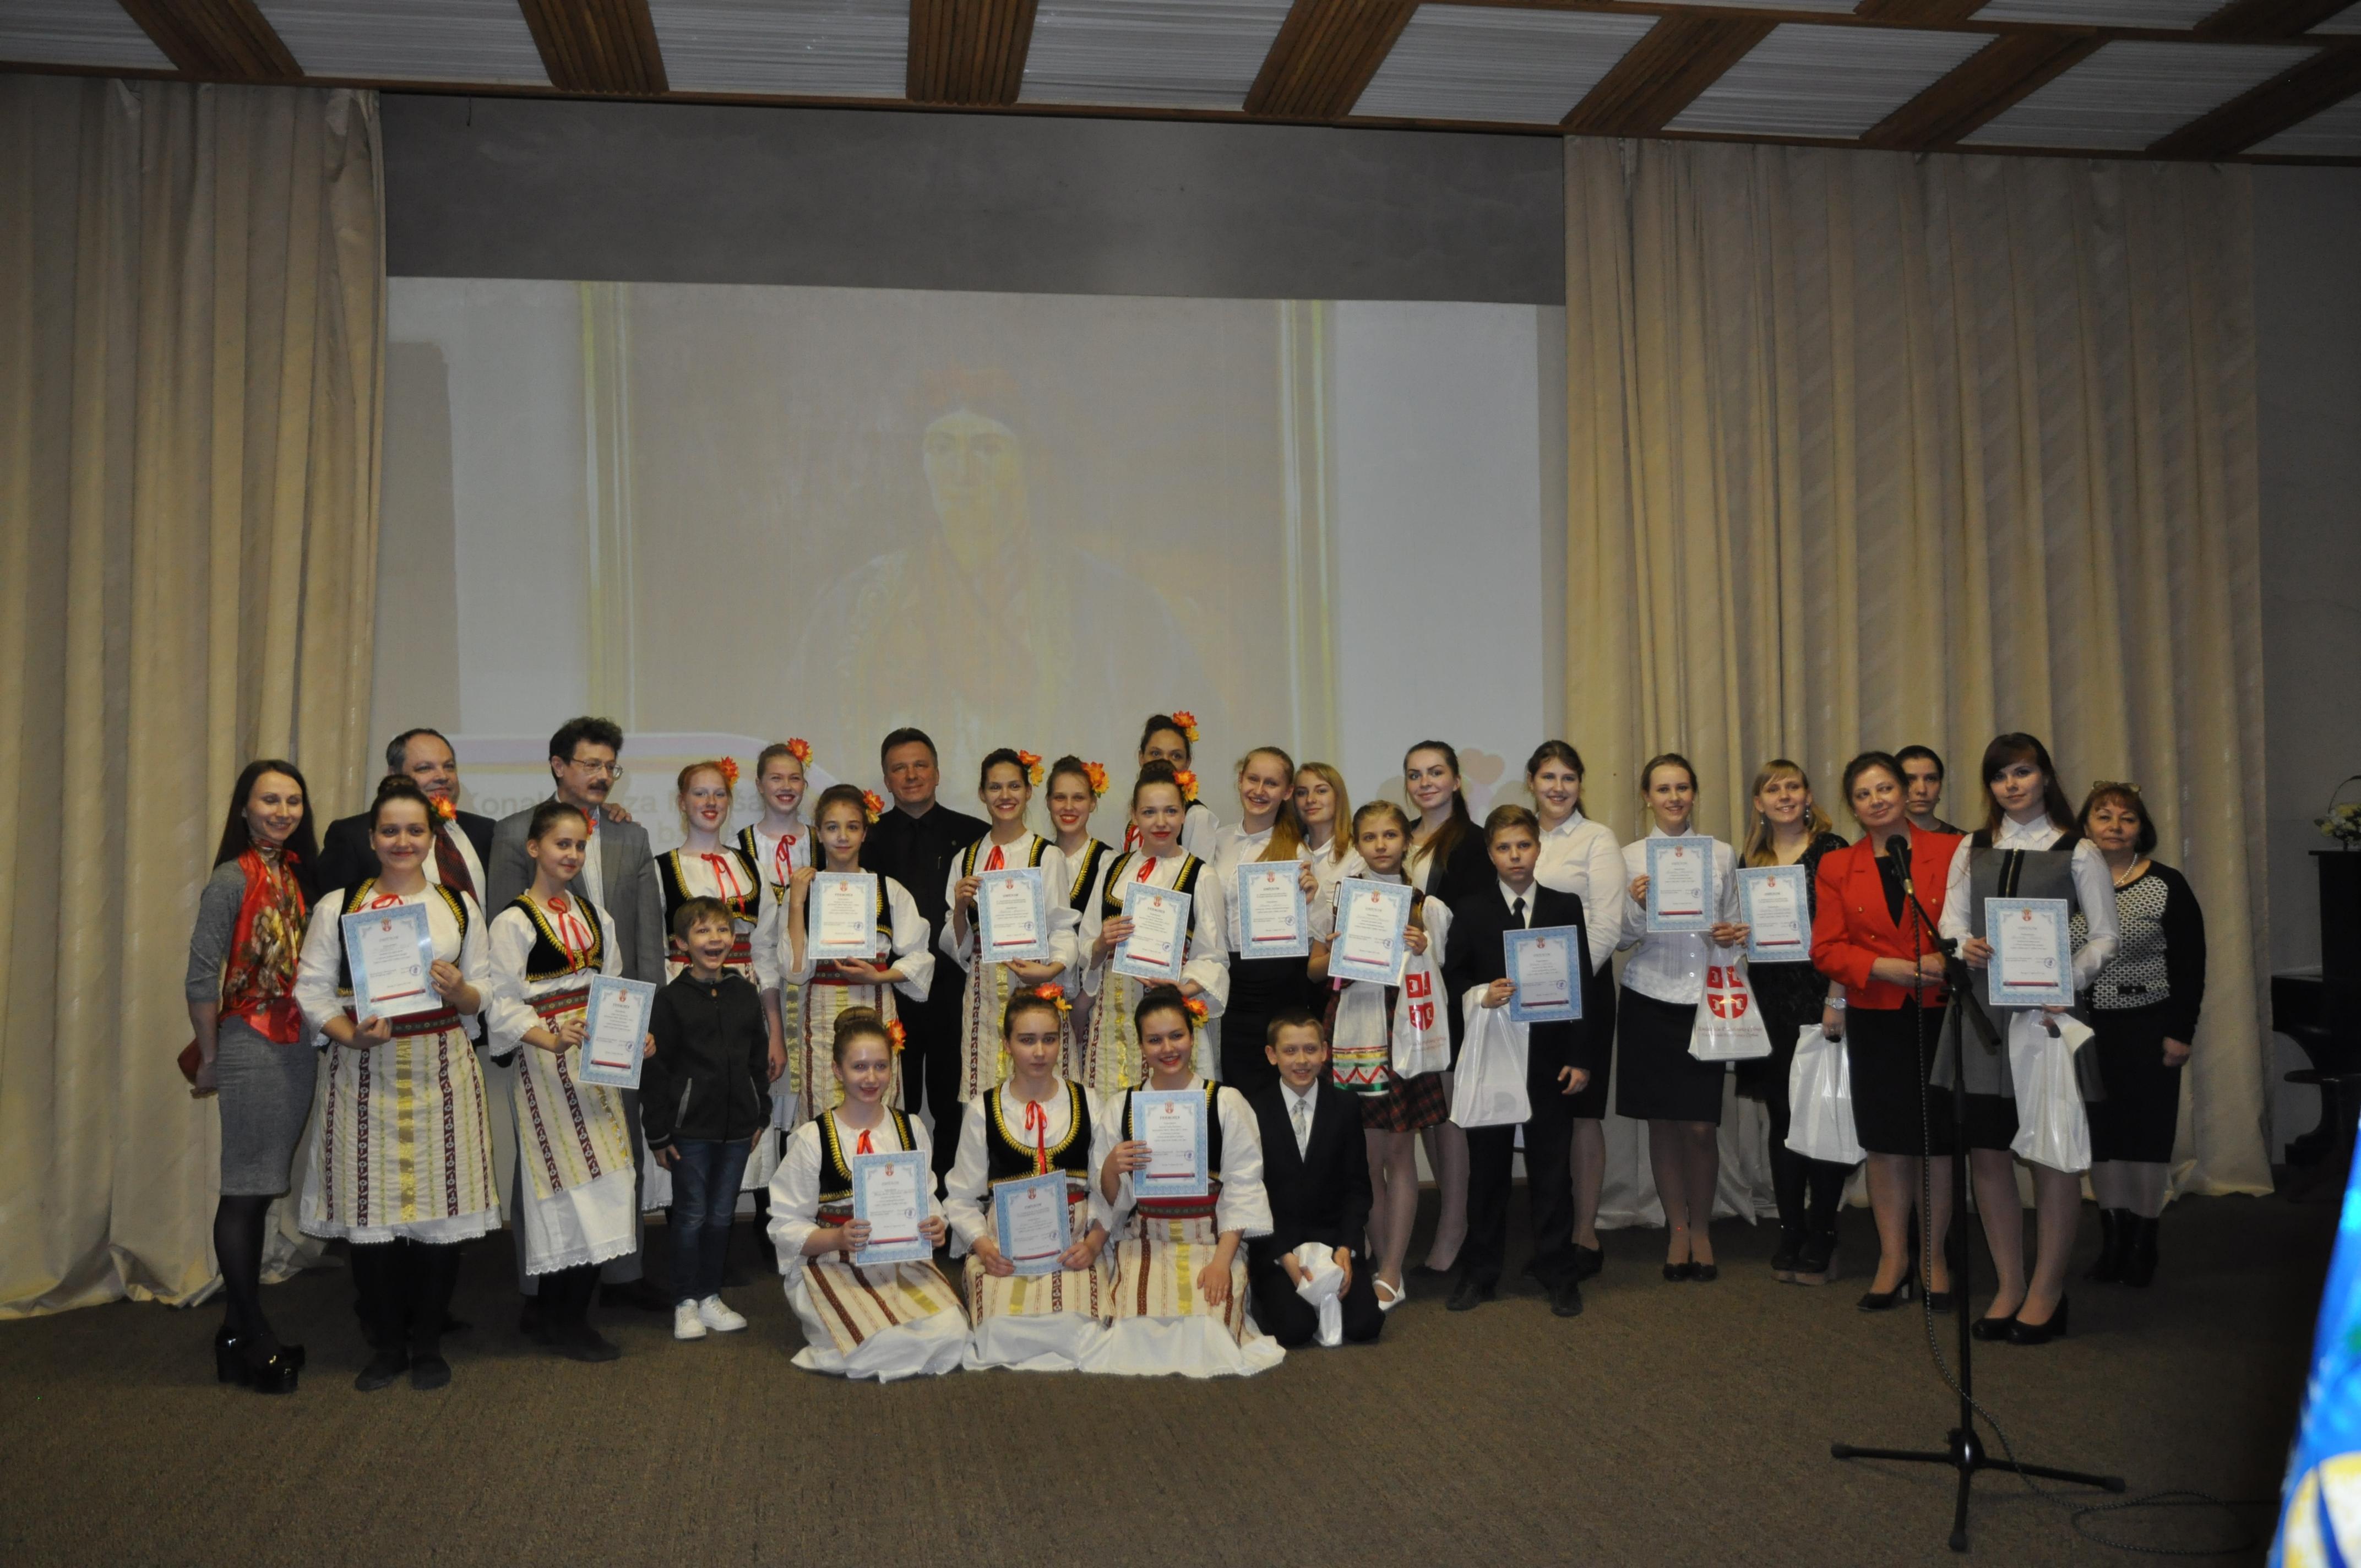 Организаторы и лауреаты конкурса «Сербия в сердце моём» в Посольстве Республики Сербии.